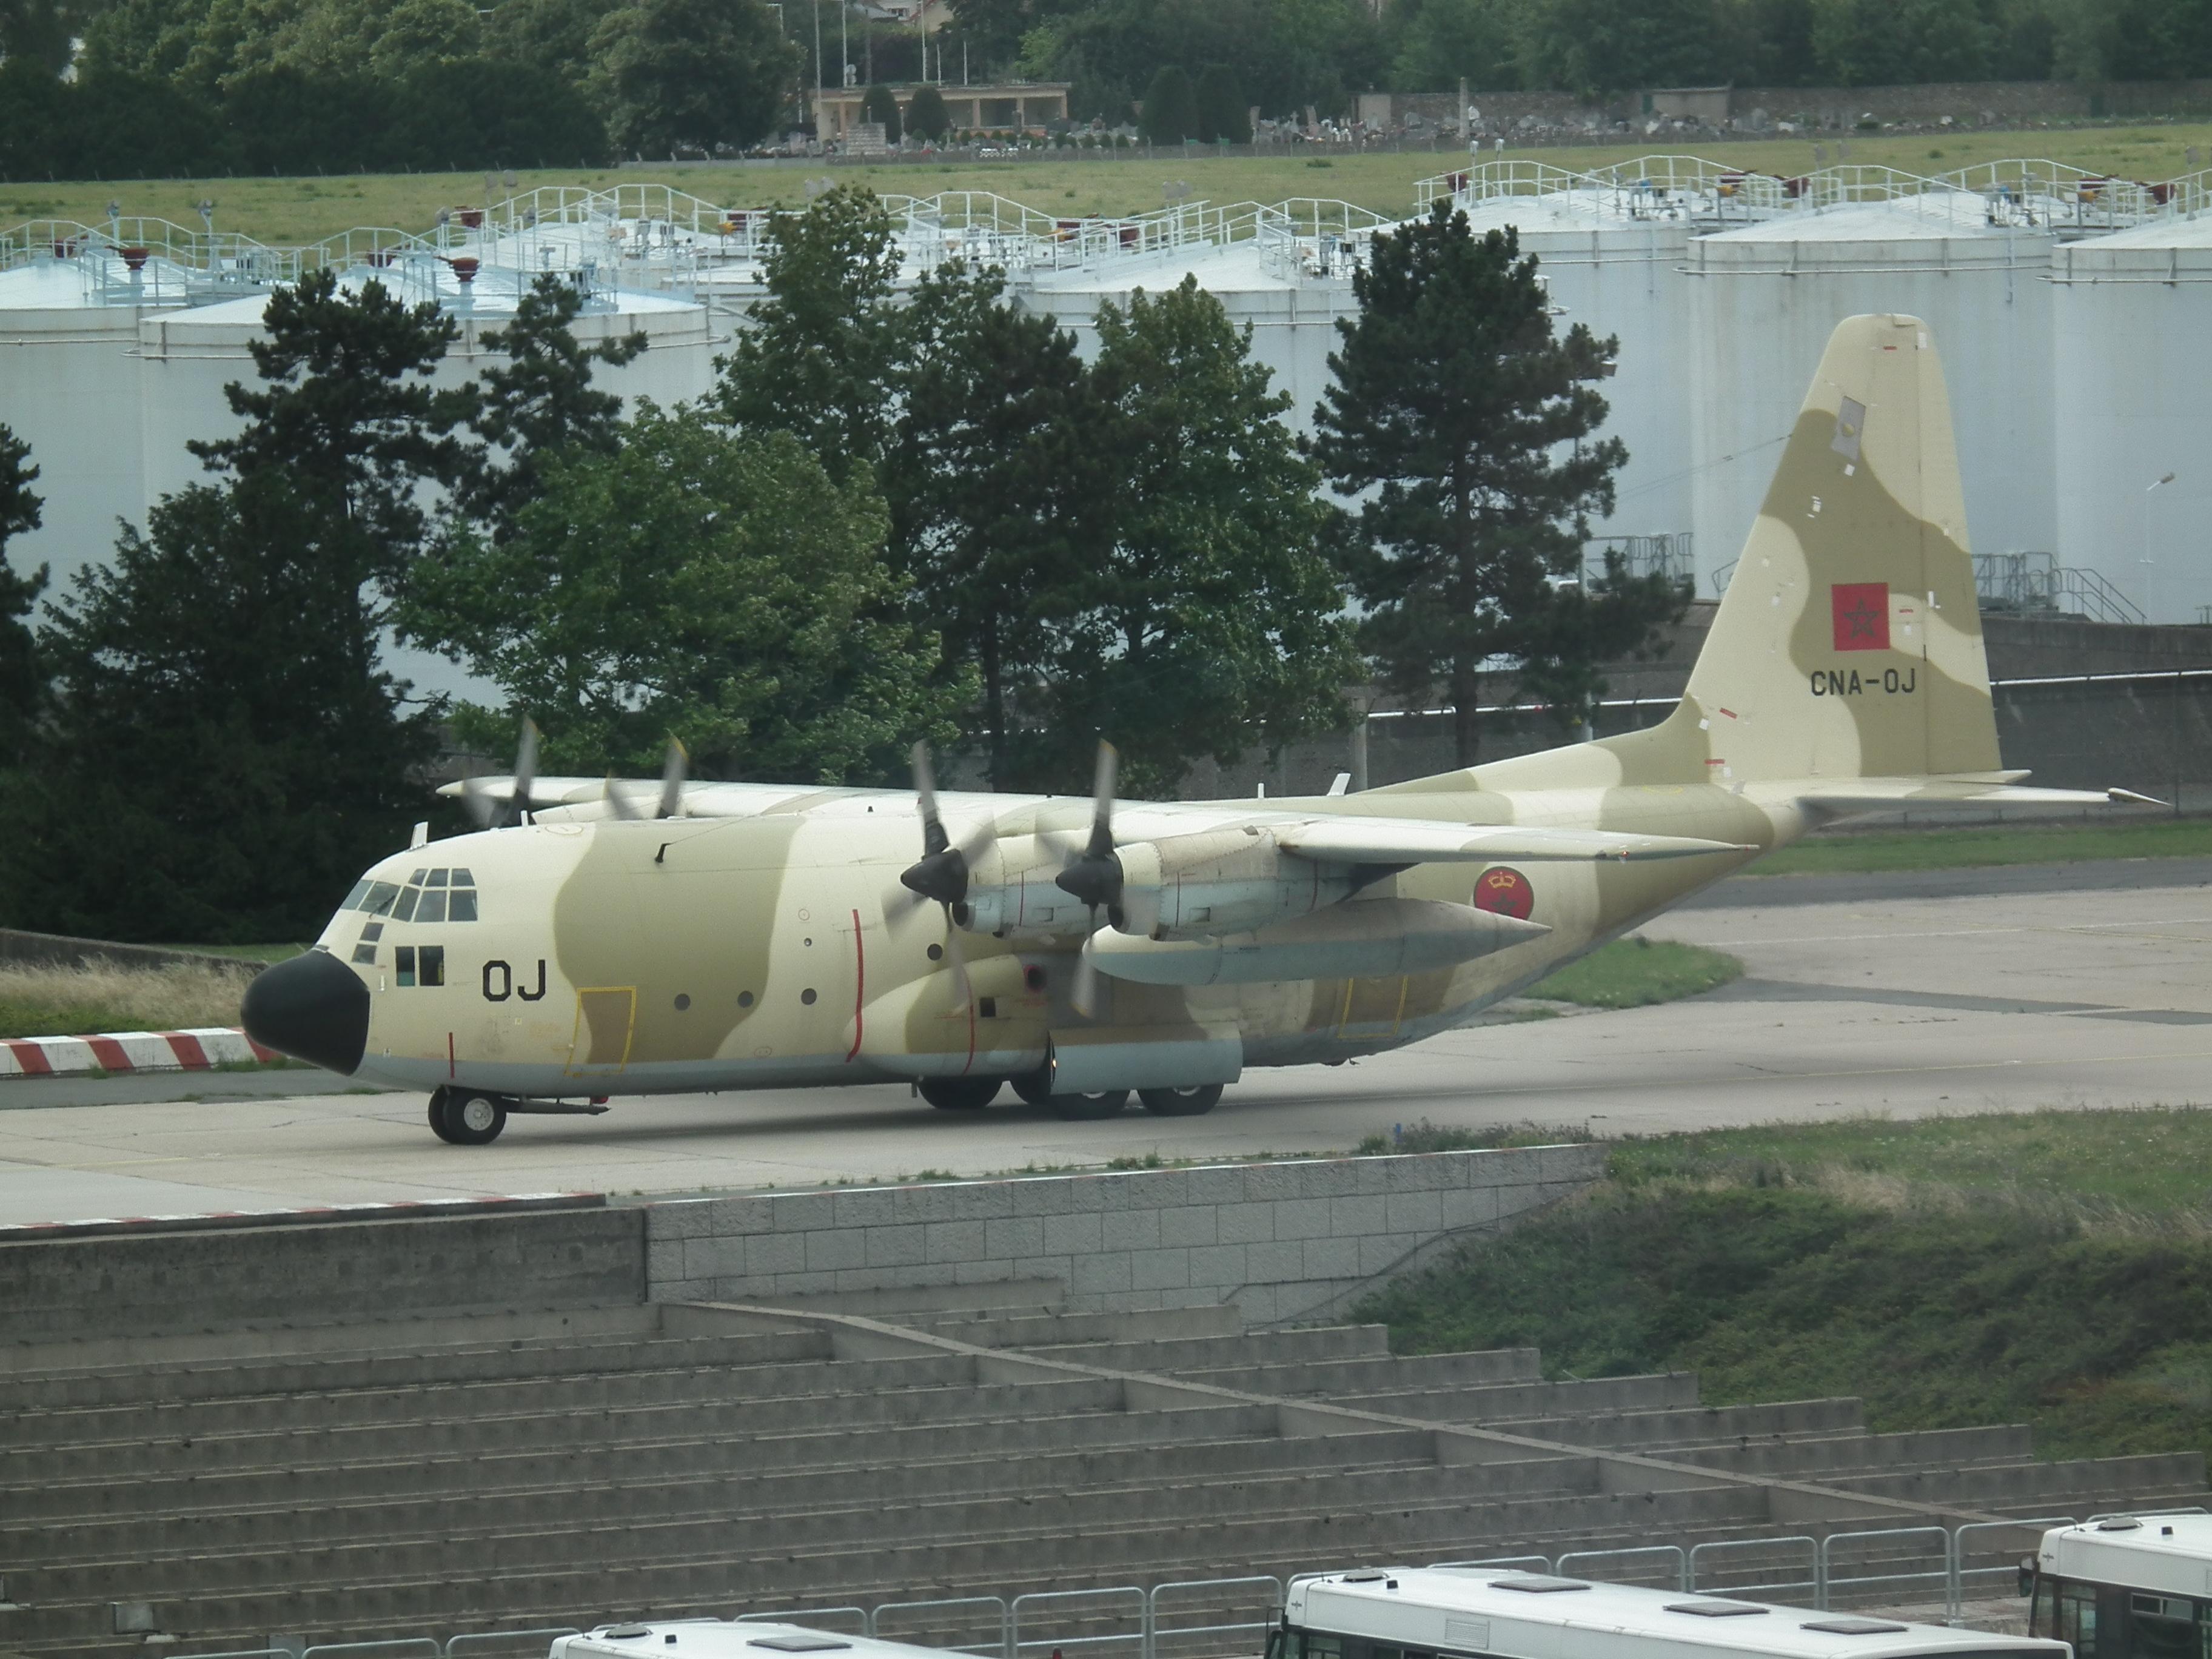 FRA: Photos d'avions de transport - Page 20 14919105805_f36f076174_o